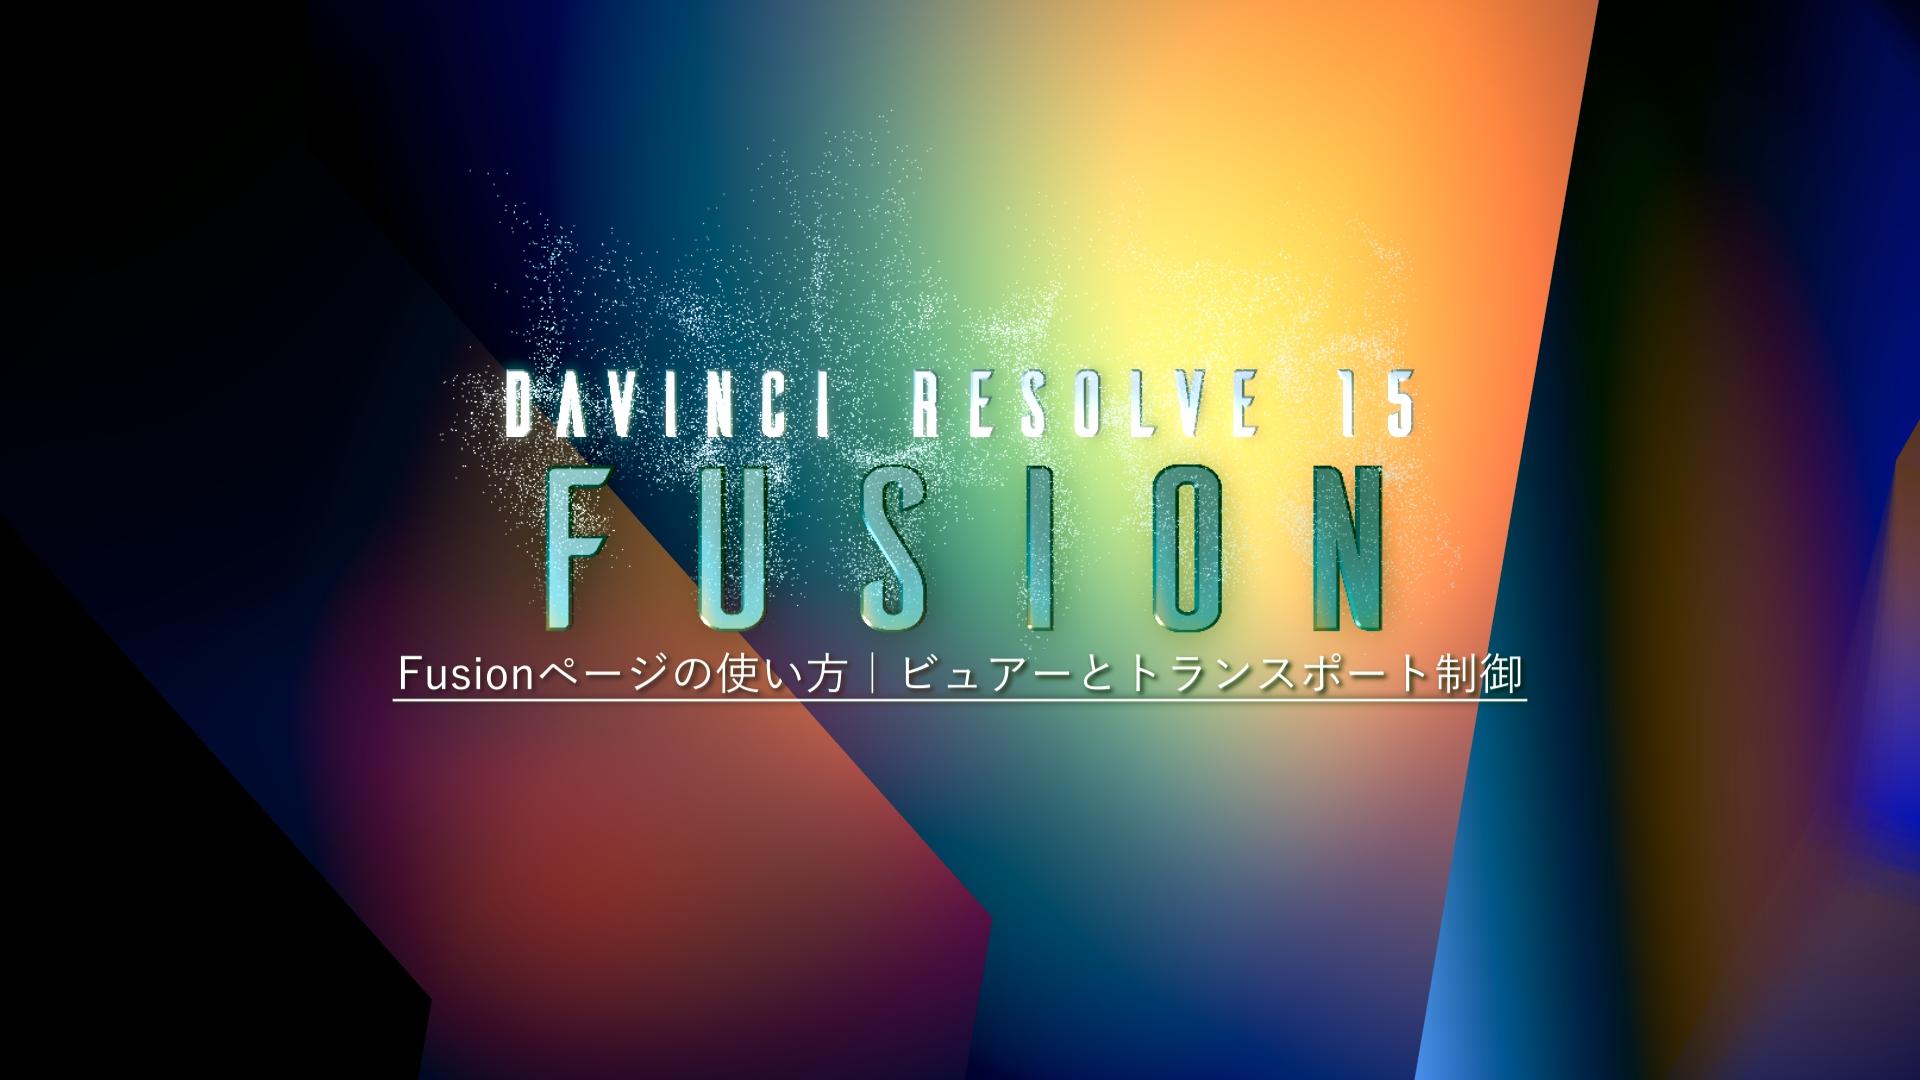 DaVinci Resolve 15 Fusion の 使い方 (2) ビュアーとトランスポート制御